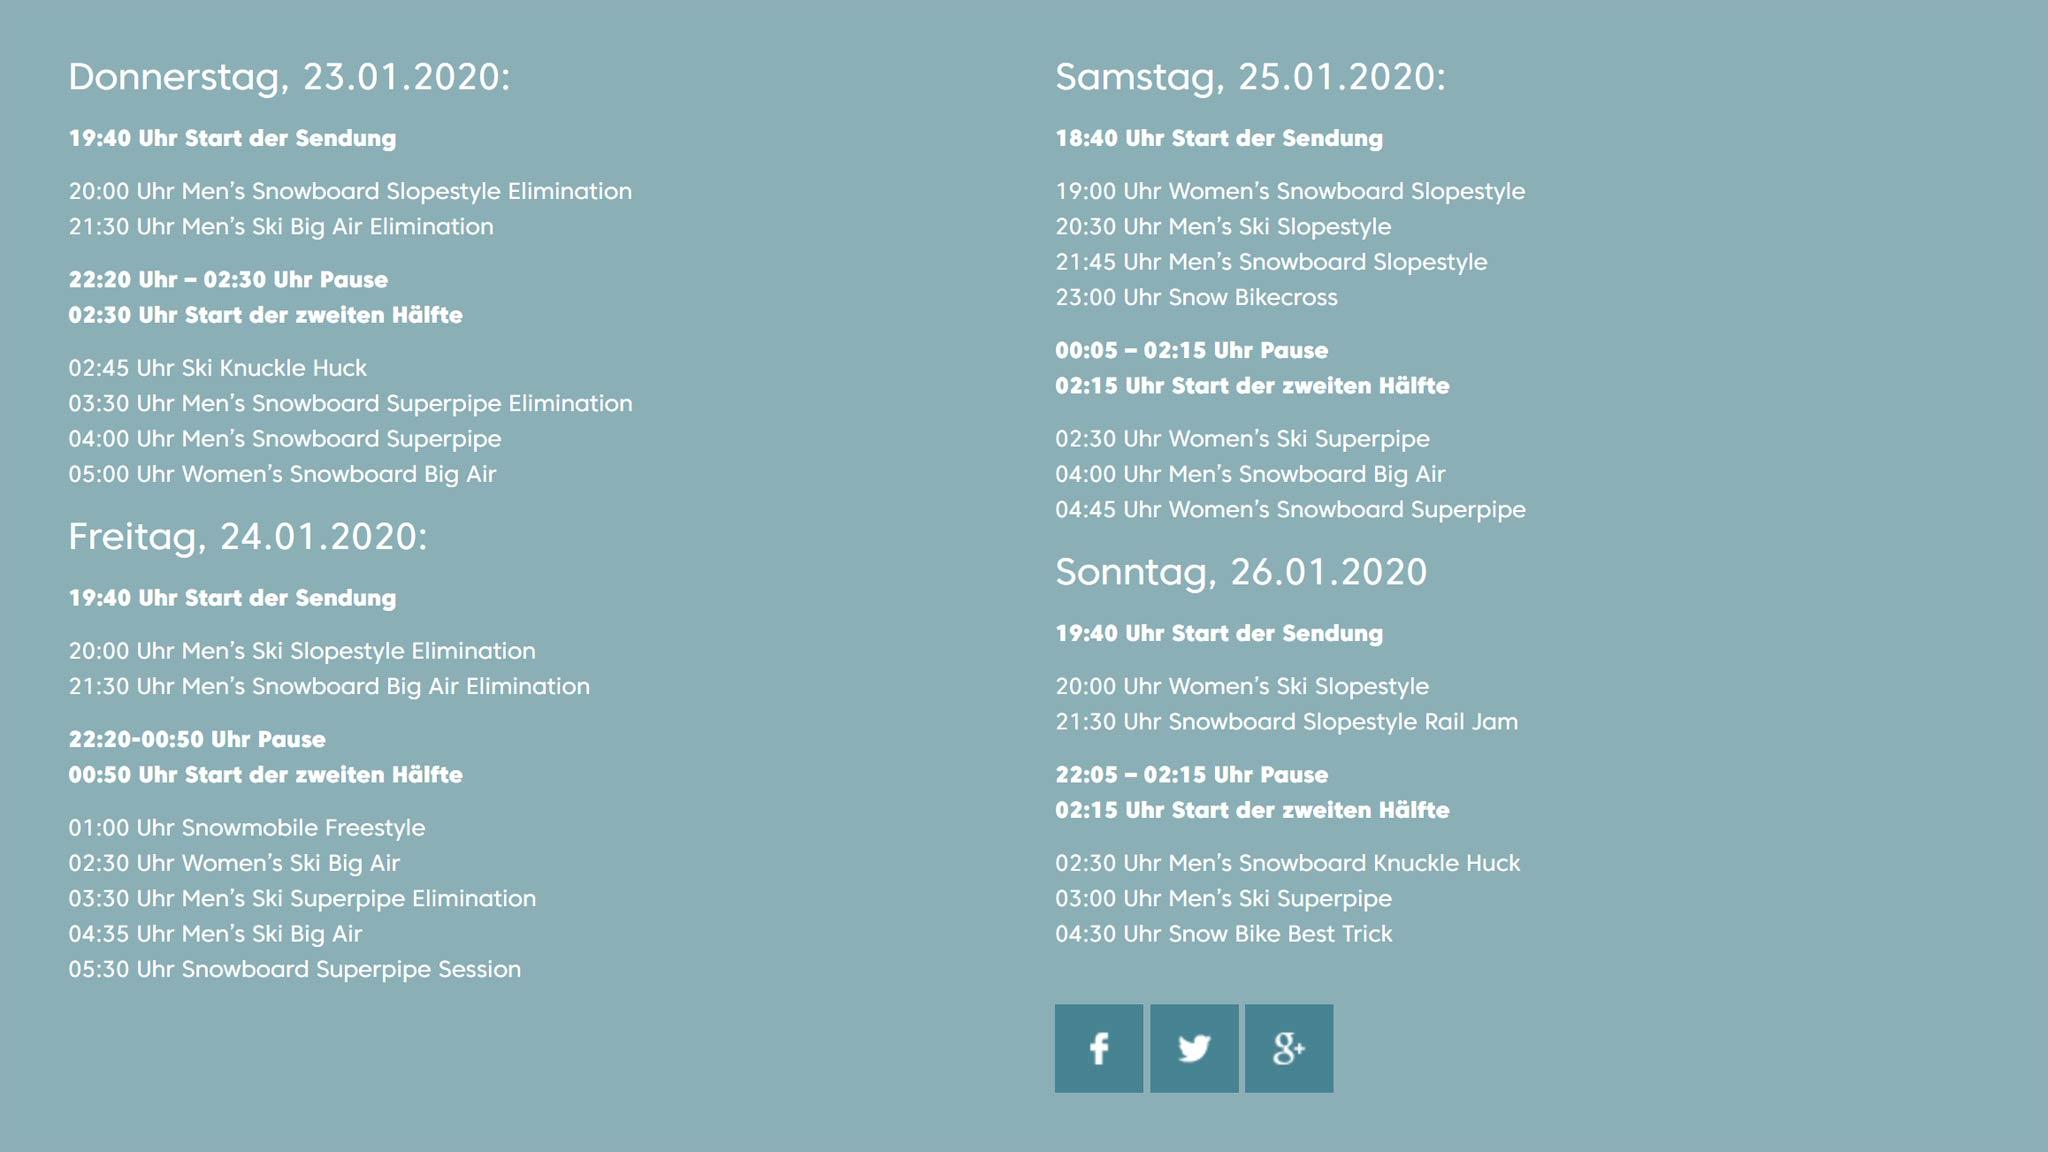 Der ProSieben Fun Timetable für die Übertragung der X Games Aspen 2020.